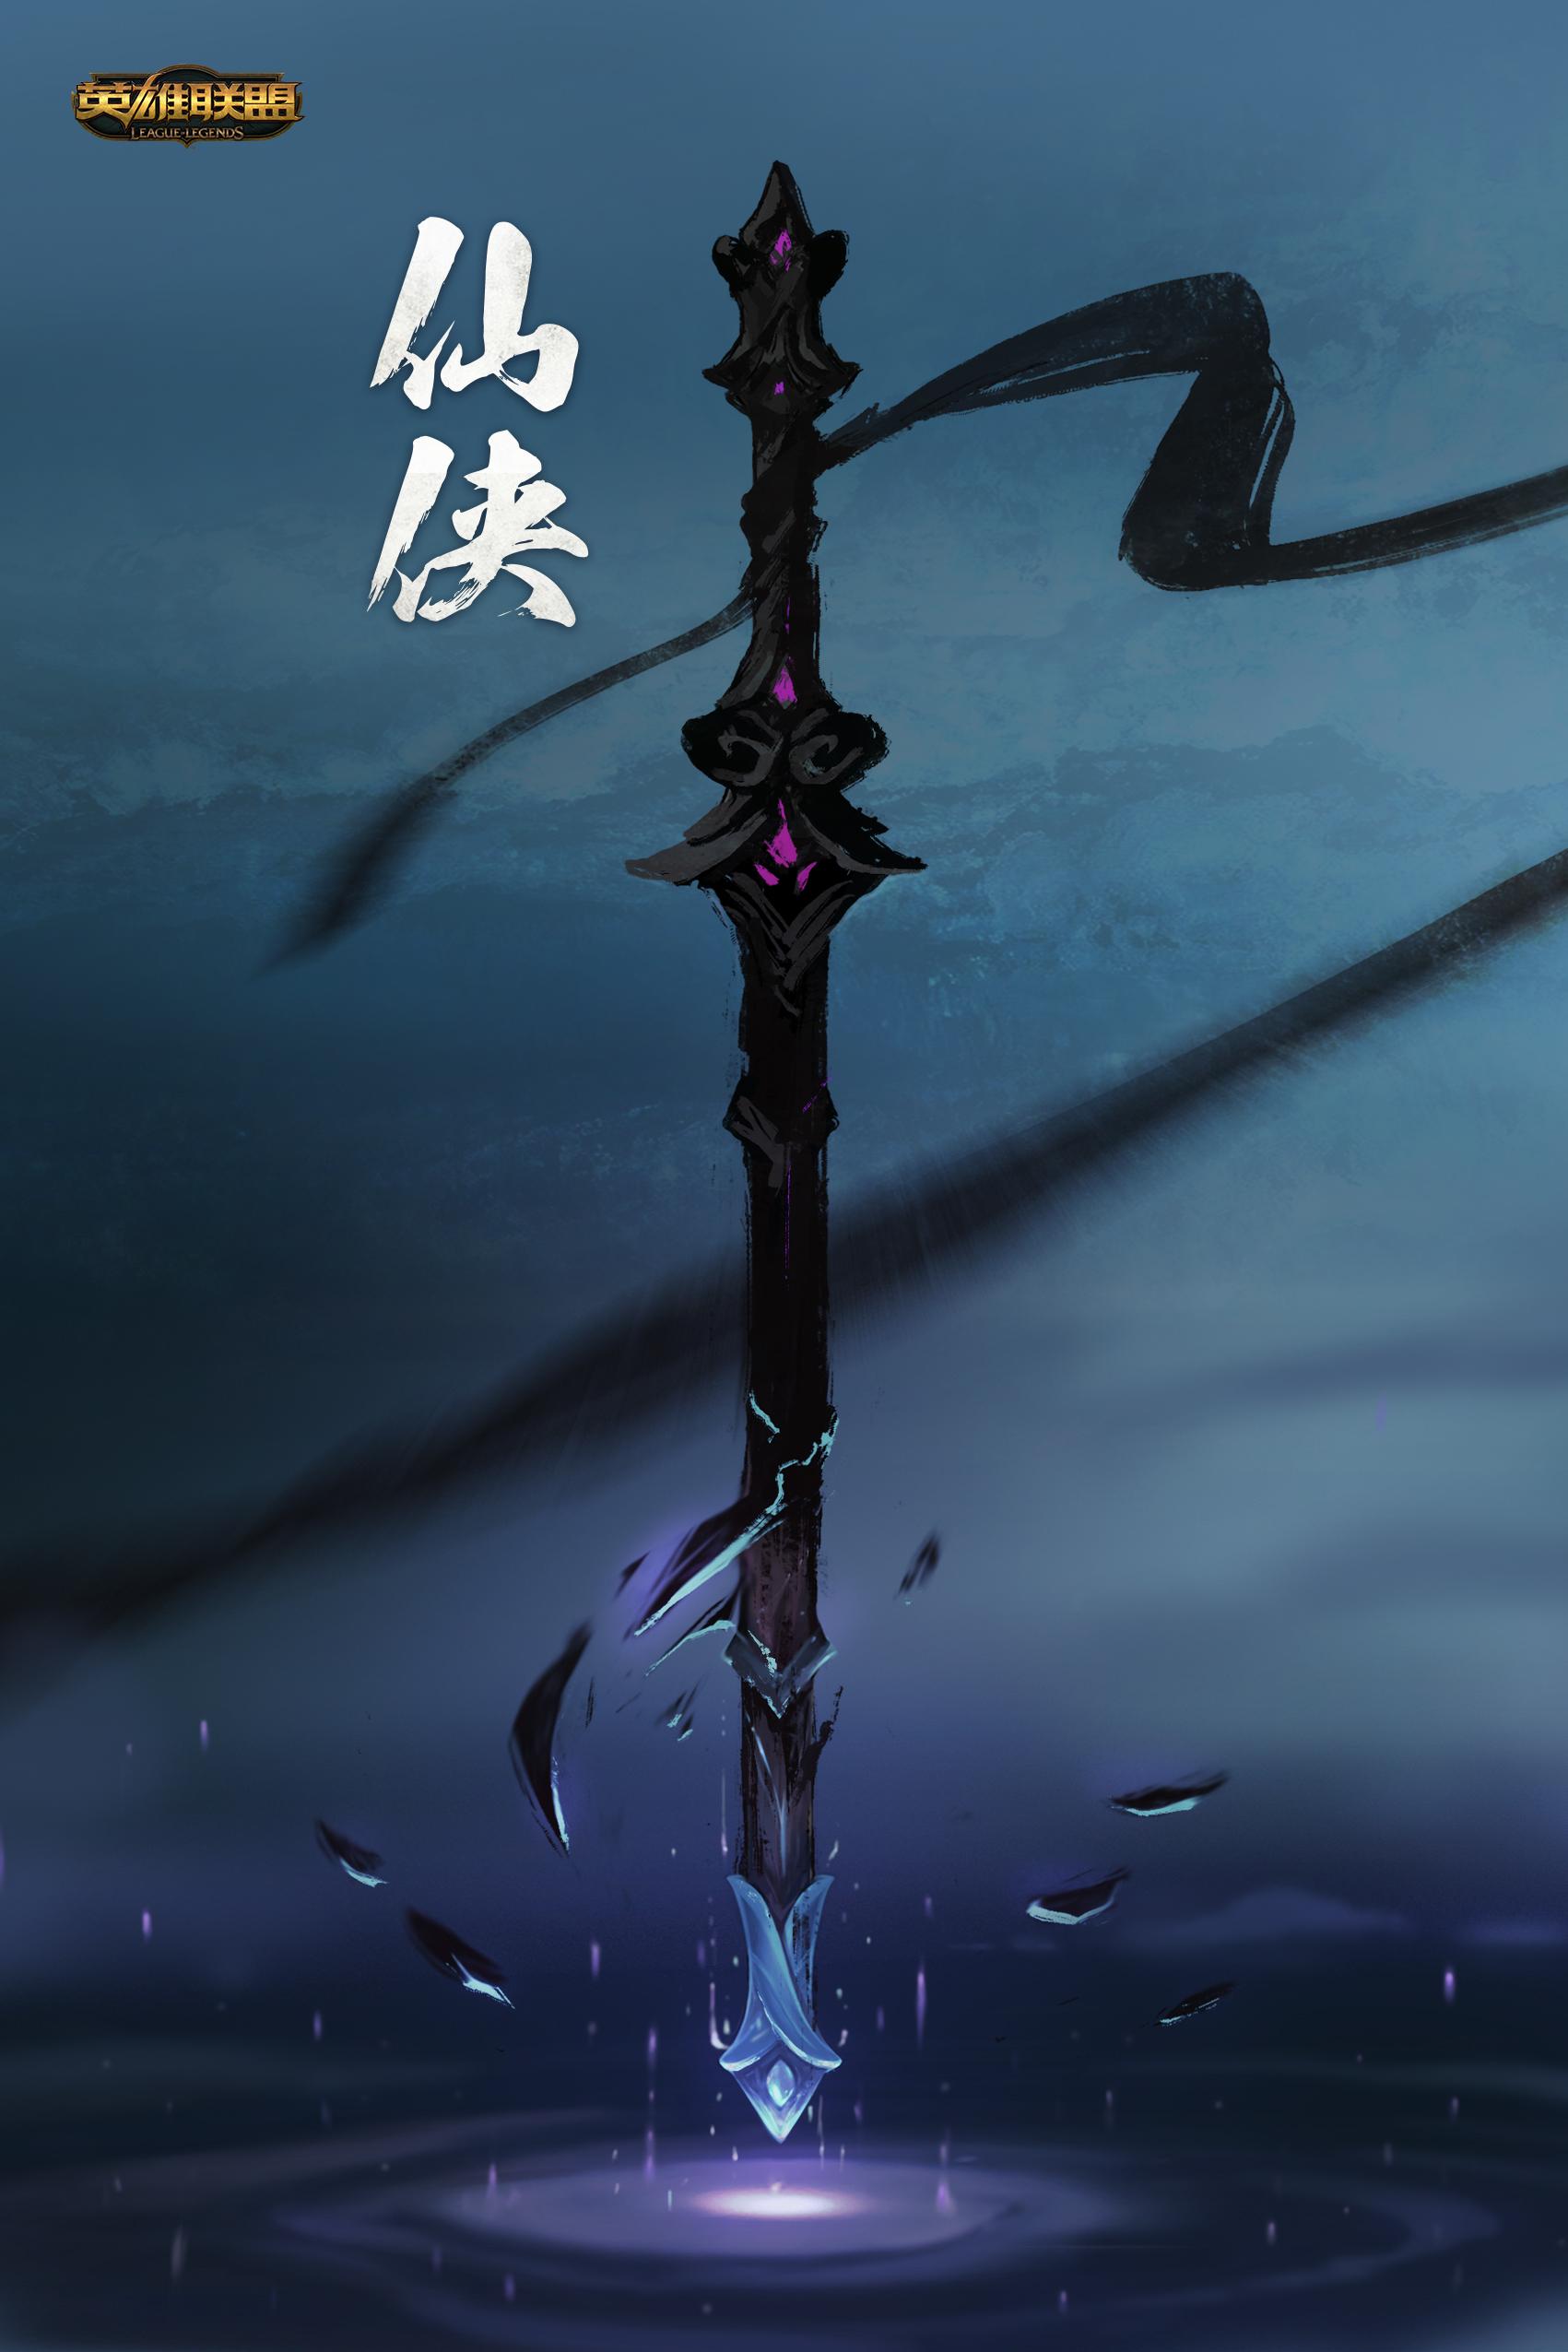 qq好友注销_仙侠主题皮肤,即将下界-英雄联盟官方网站-腾讯游戏